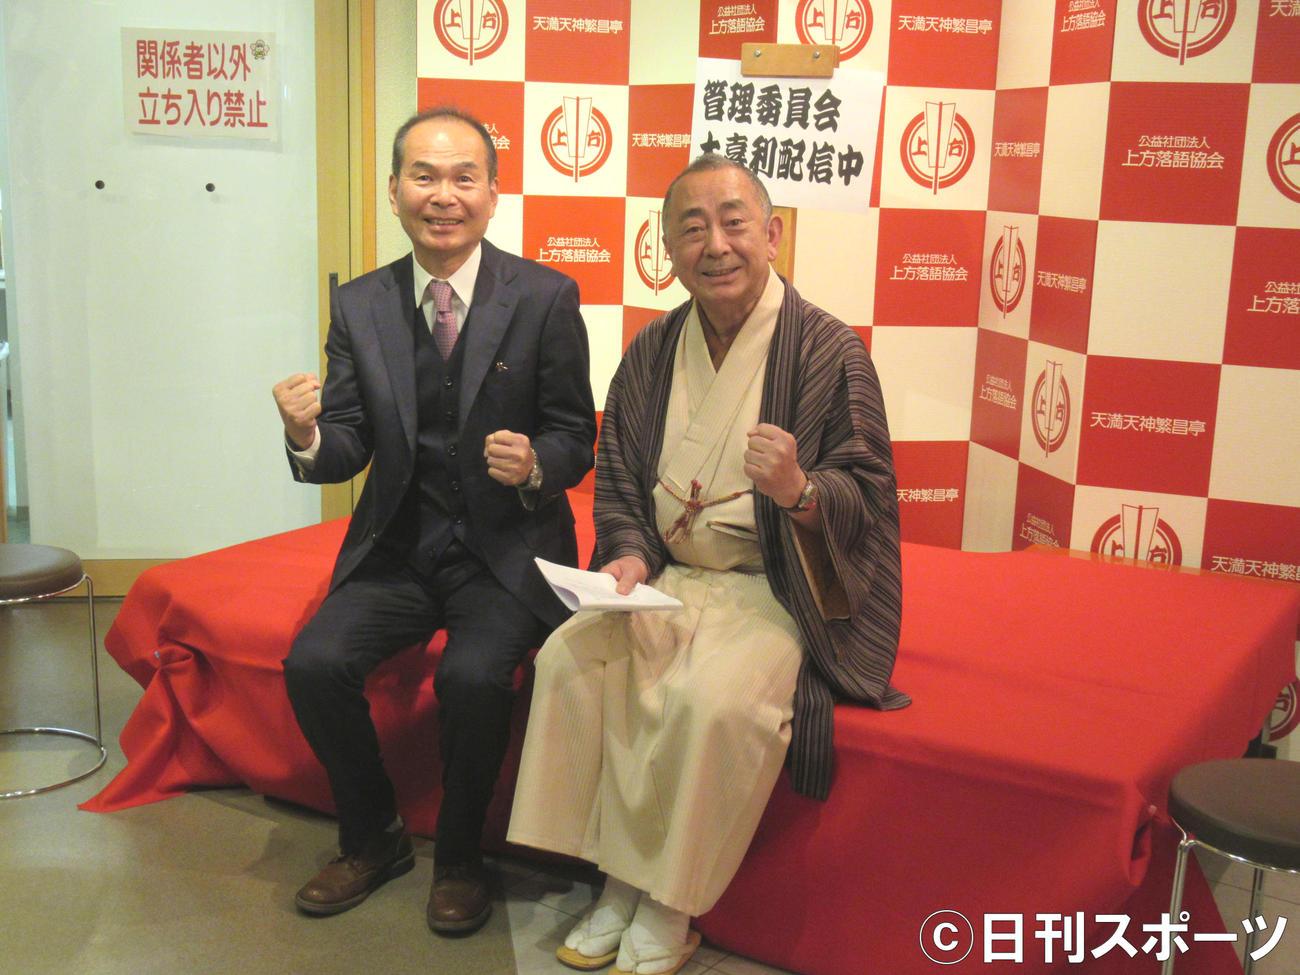 左から笑福亭仁智、桂文也(2020年3月16日撮影)